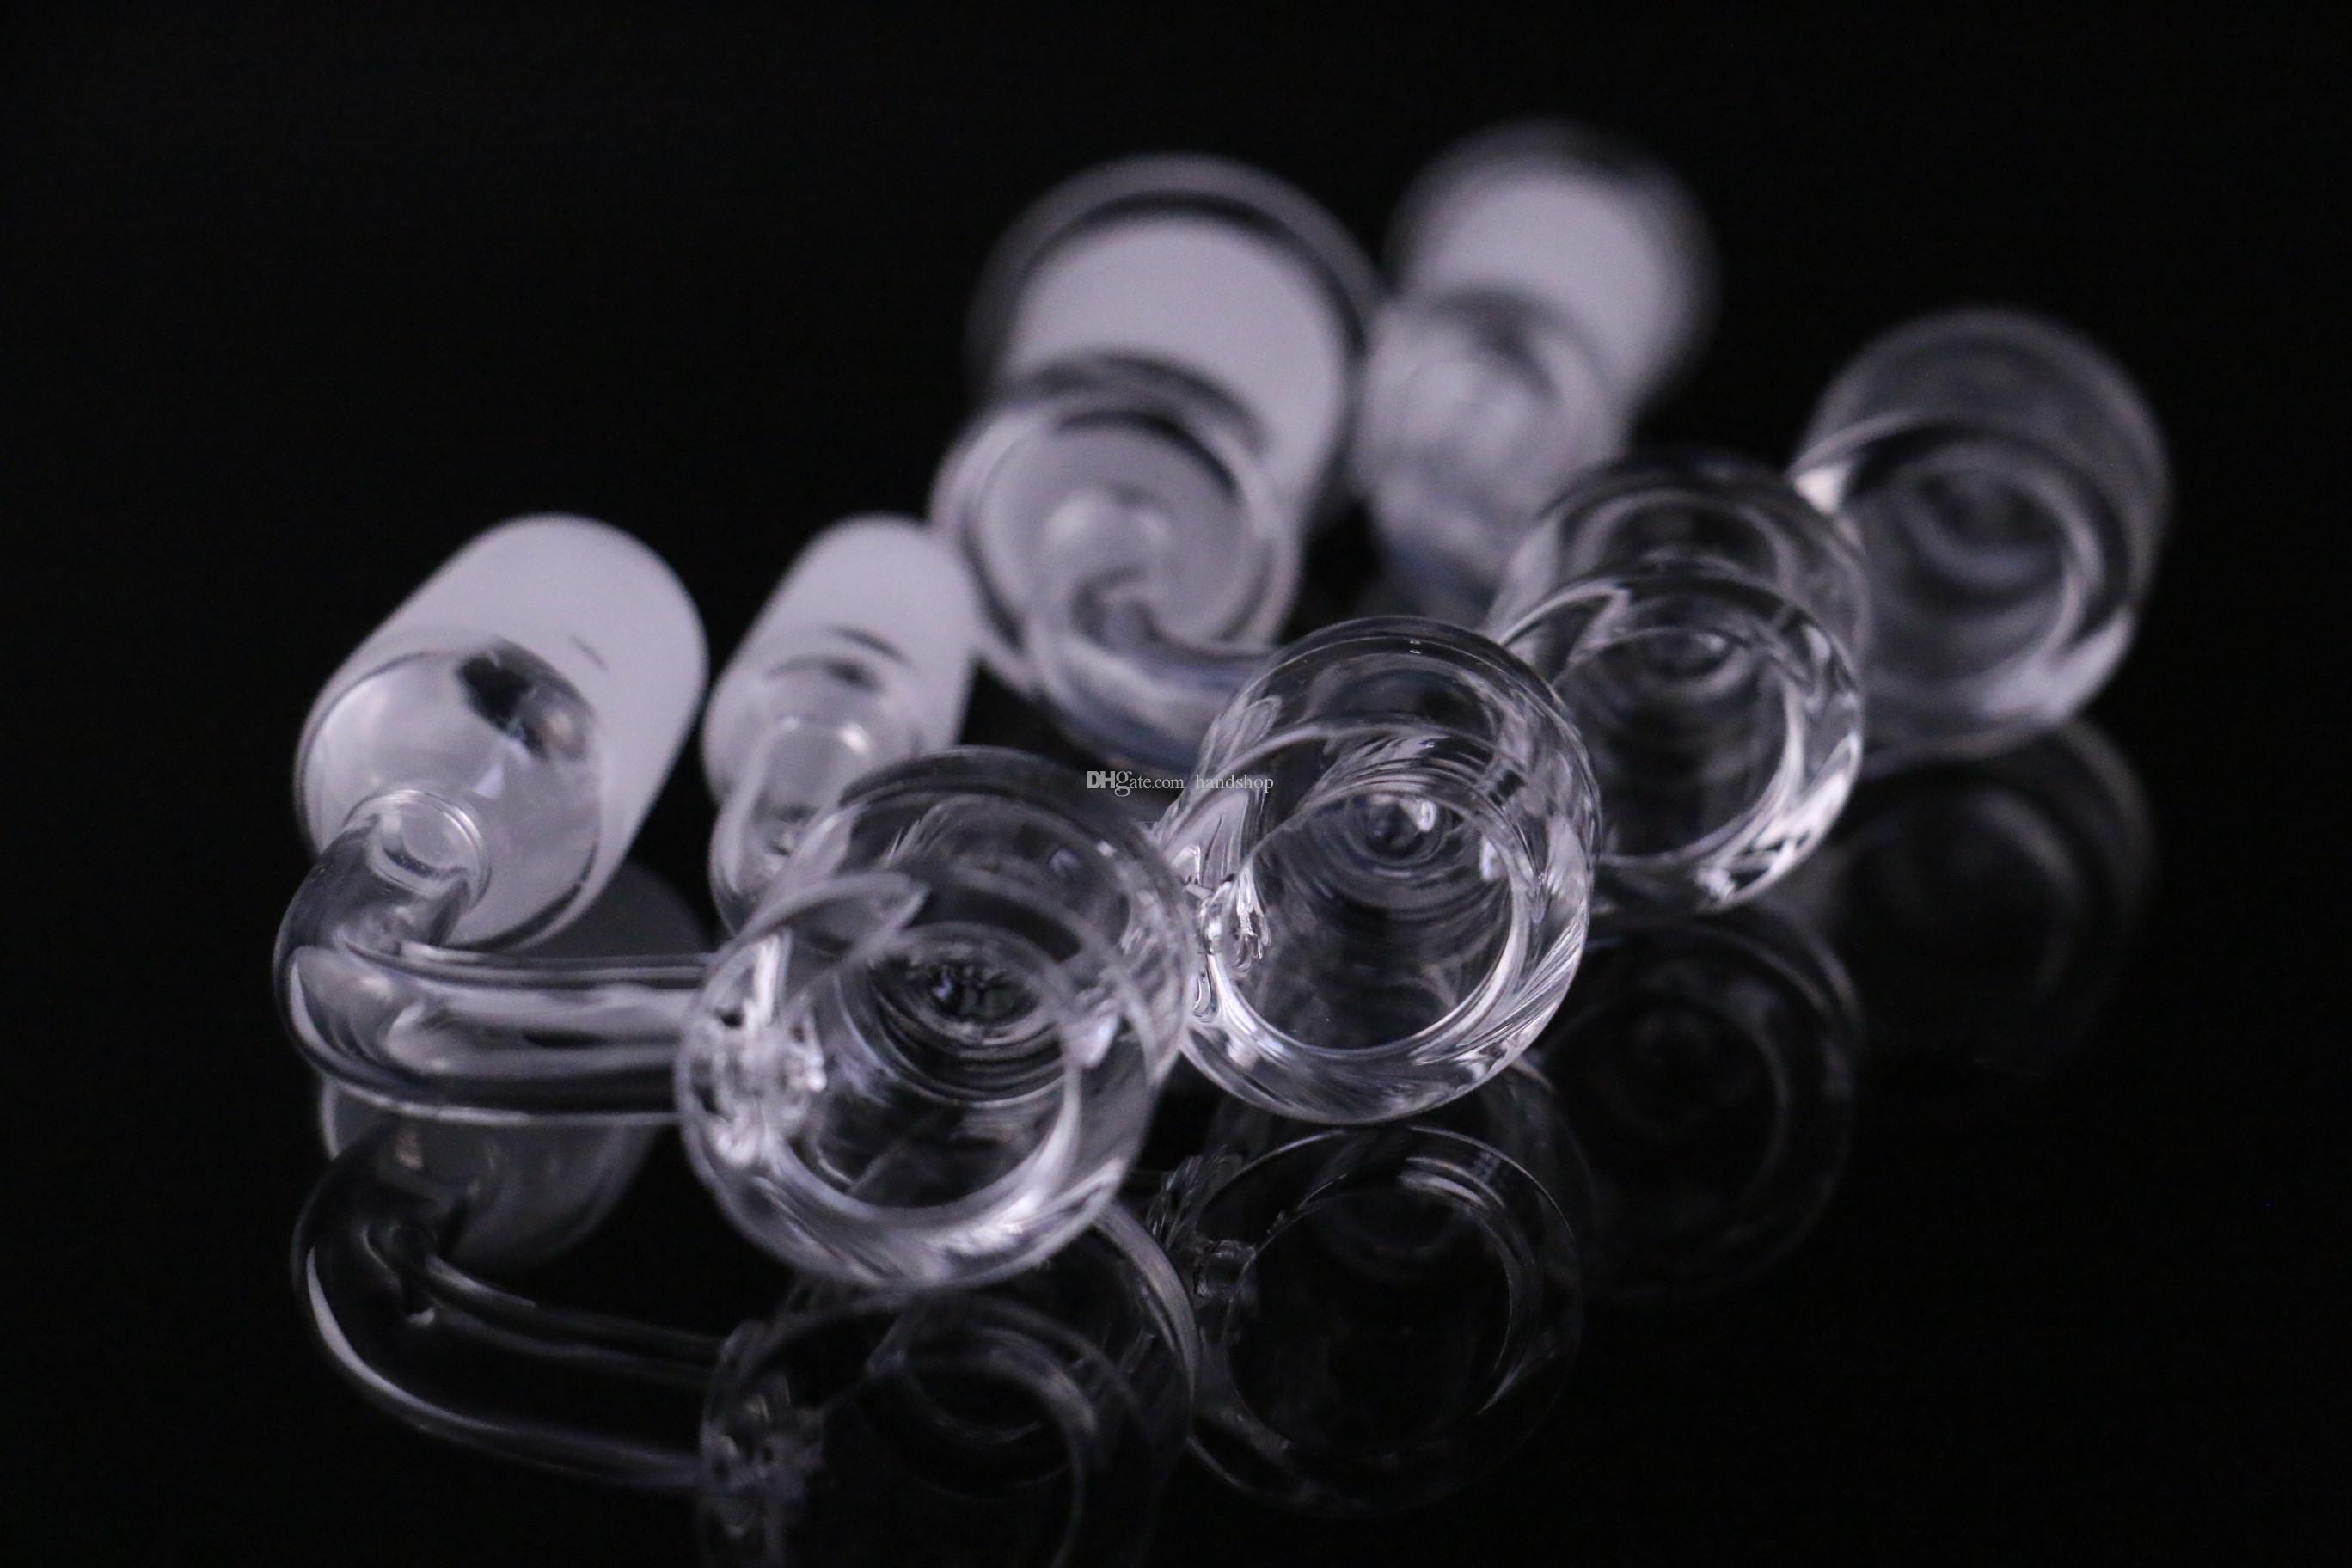 Cookahs 4 мм толстые кварцевые Banger Bange Нездовый гвоздь для стеклянного адаптера бонга 10 мм 14 мм 18 мм, мужской женский 100% реальный